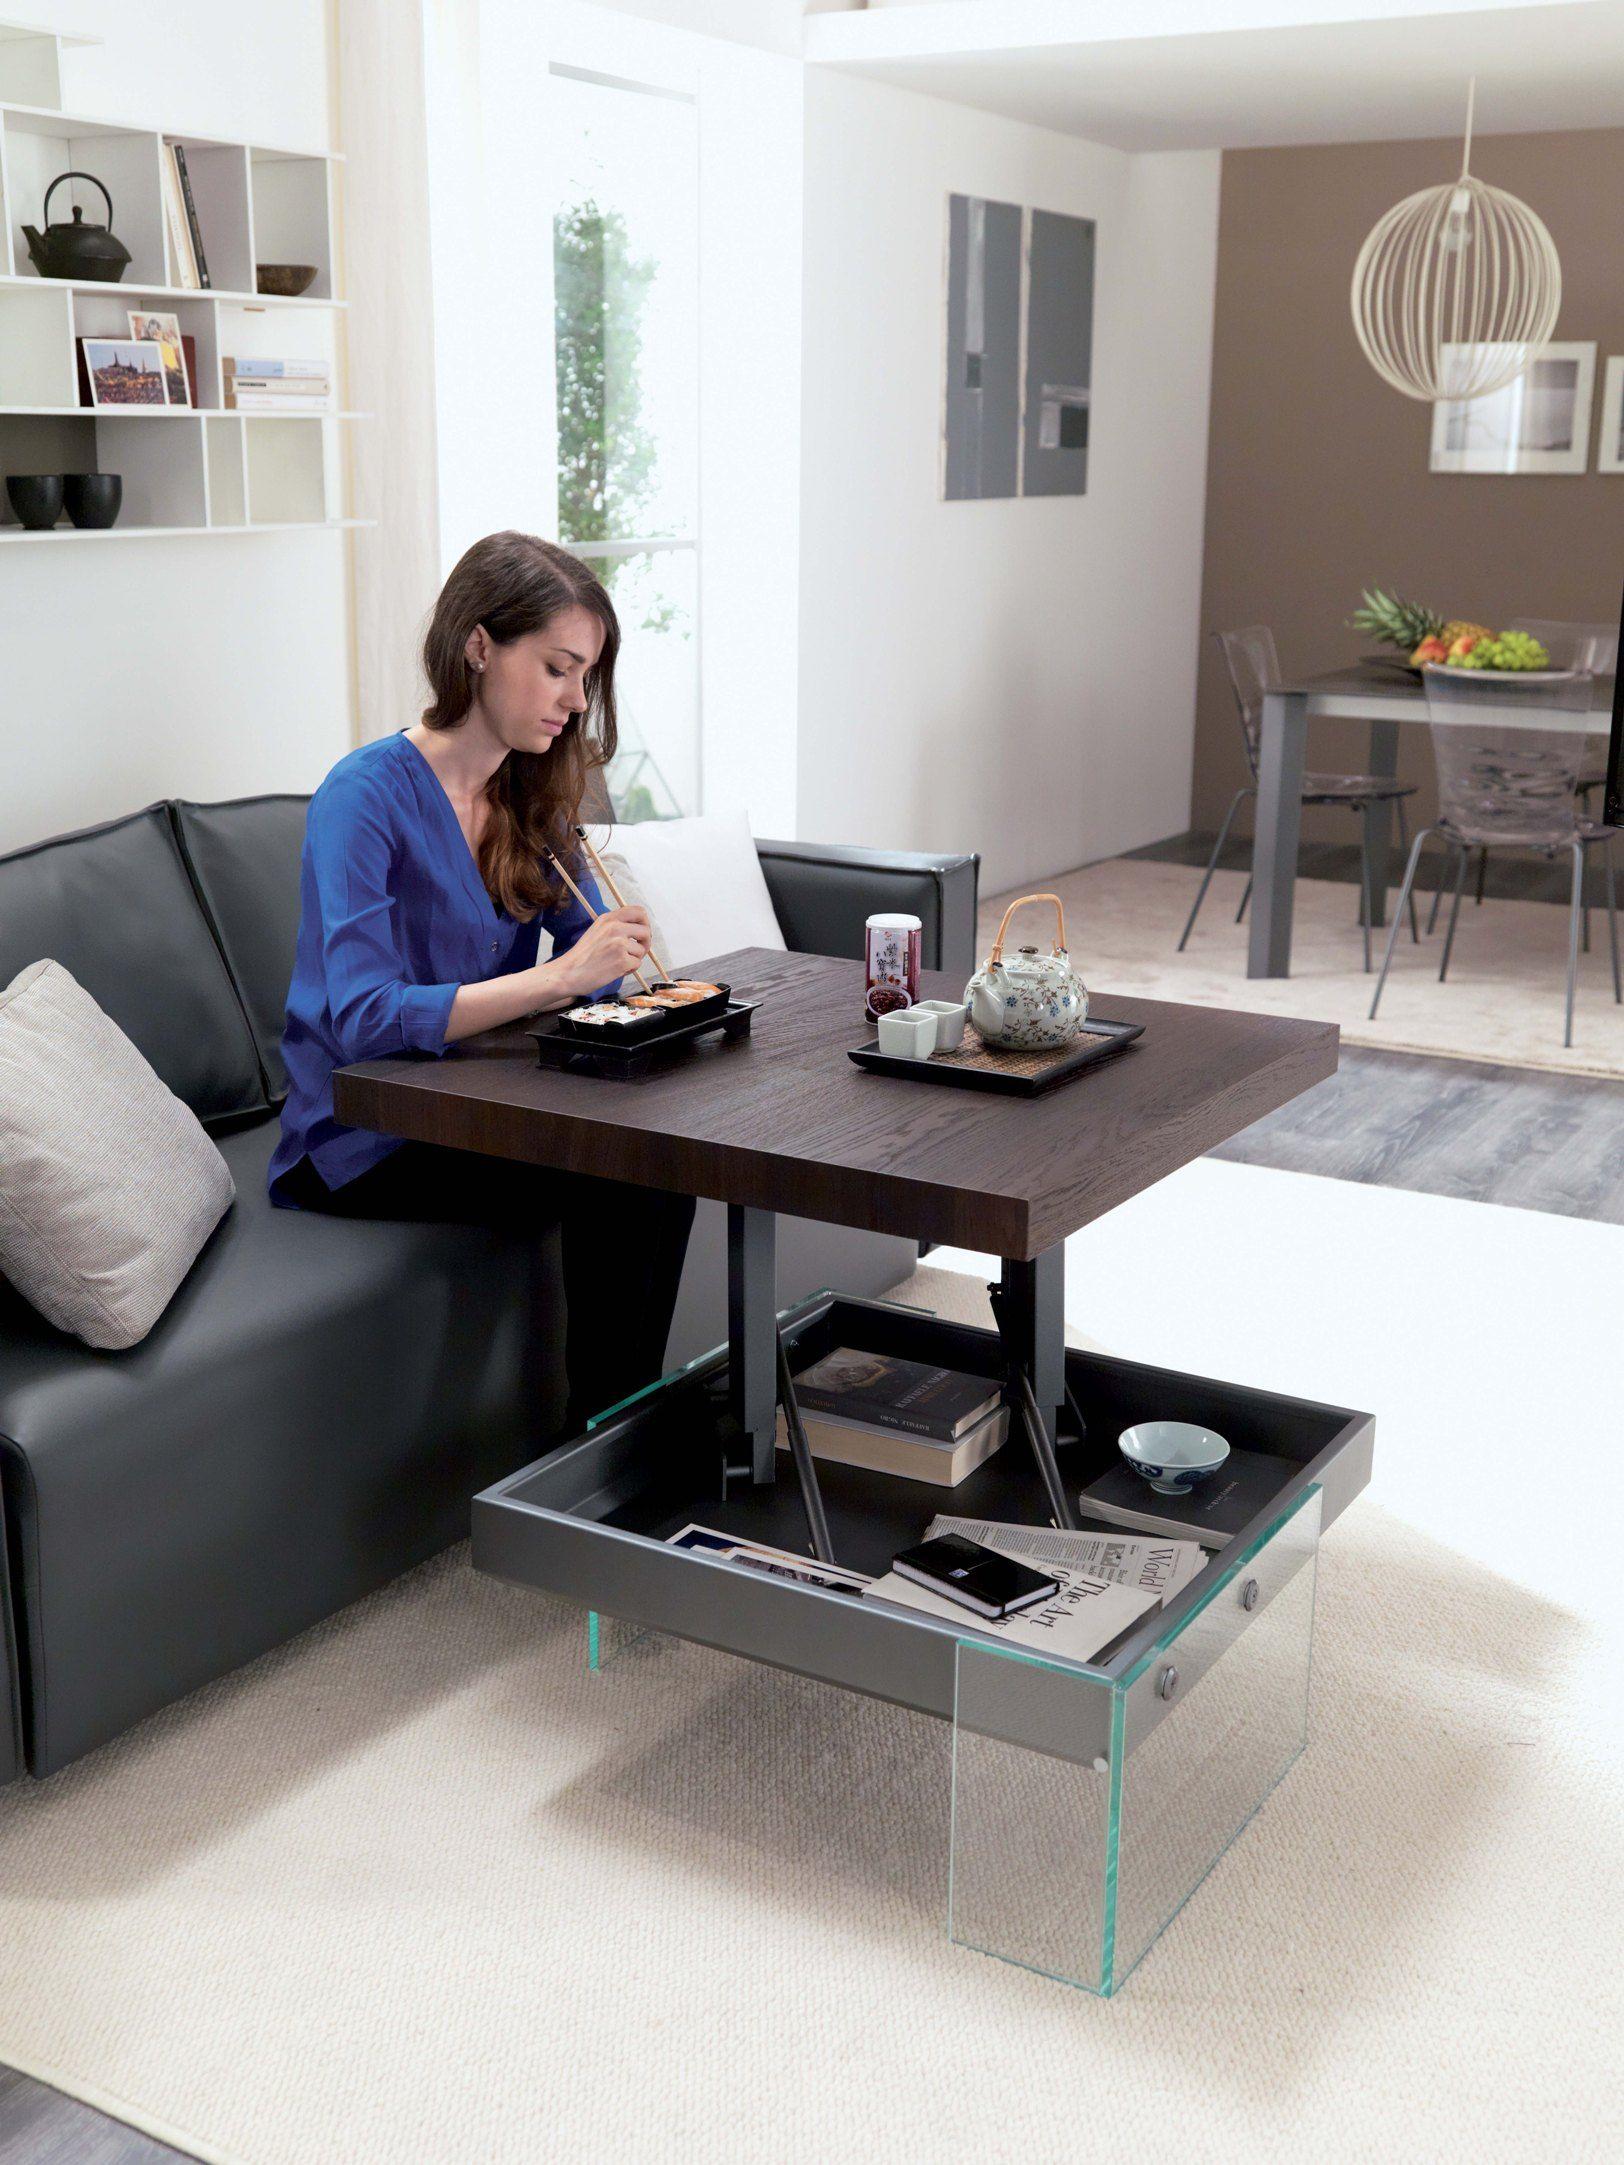 Tavolo Alzabile Salotto Pranzo.17 Idee Su Tavolini Da Salotto Alzabili Nel 2021 Tavolini Design Salotto